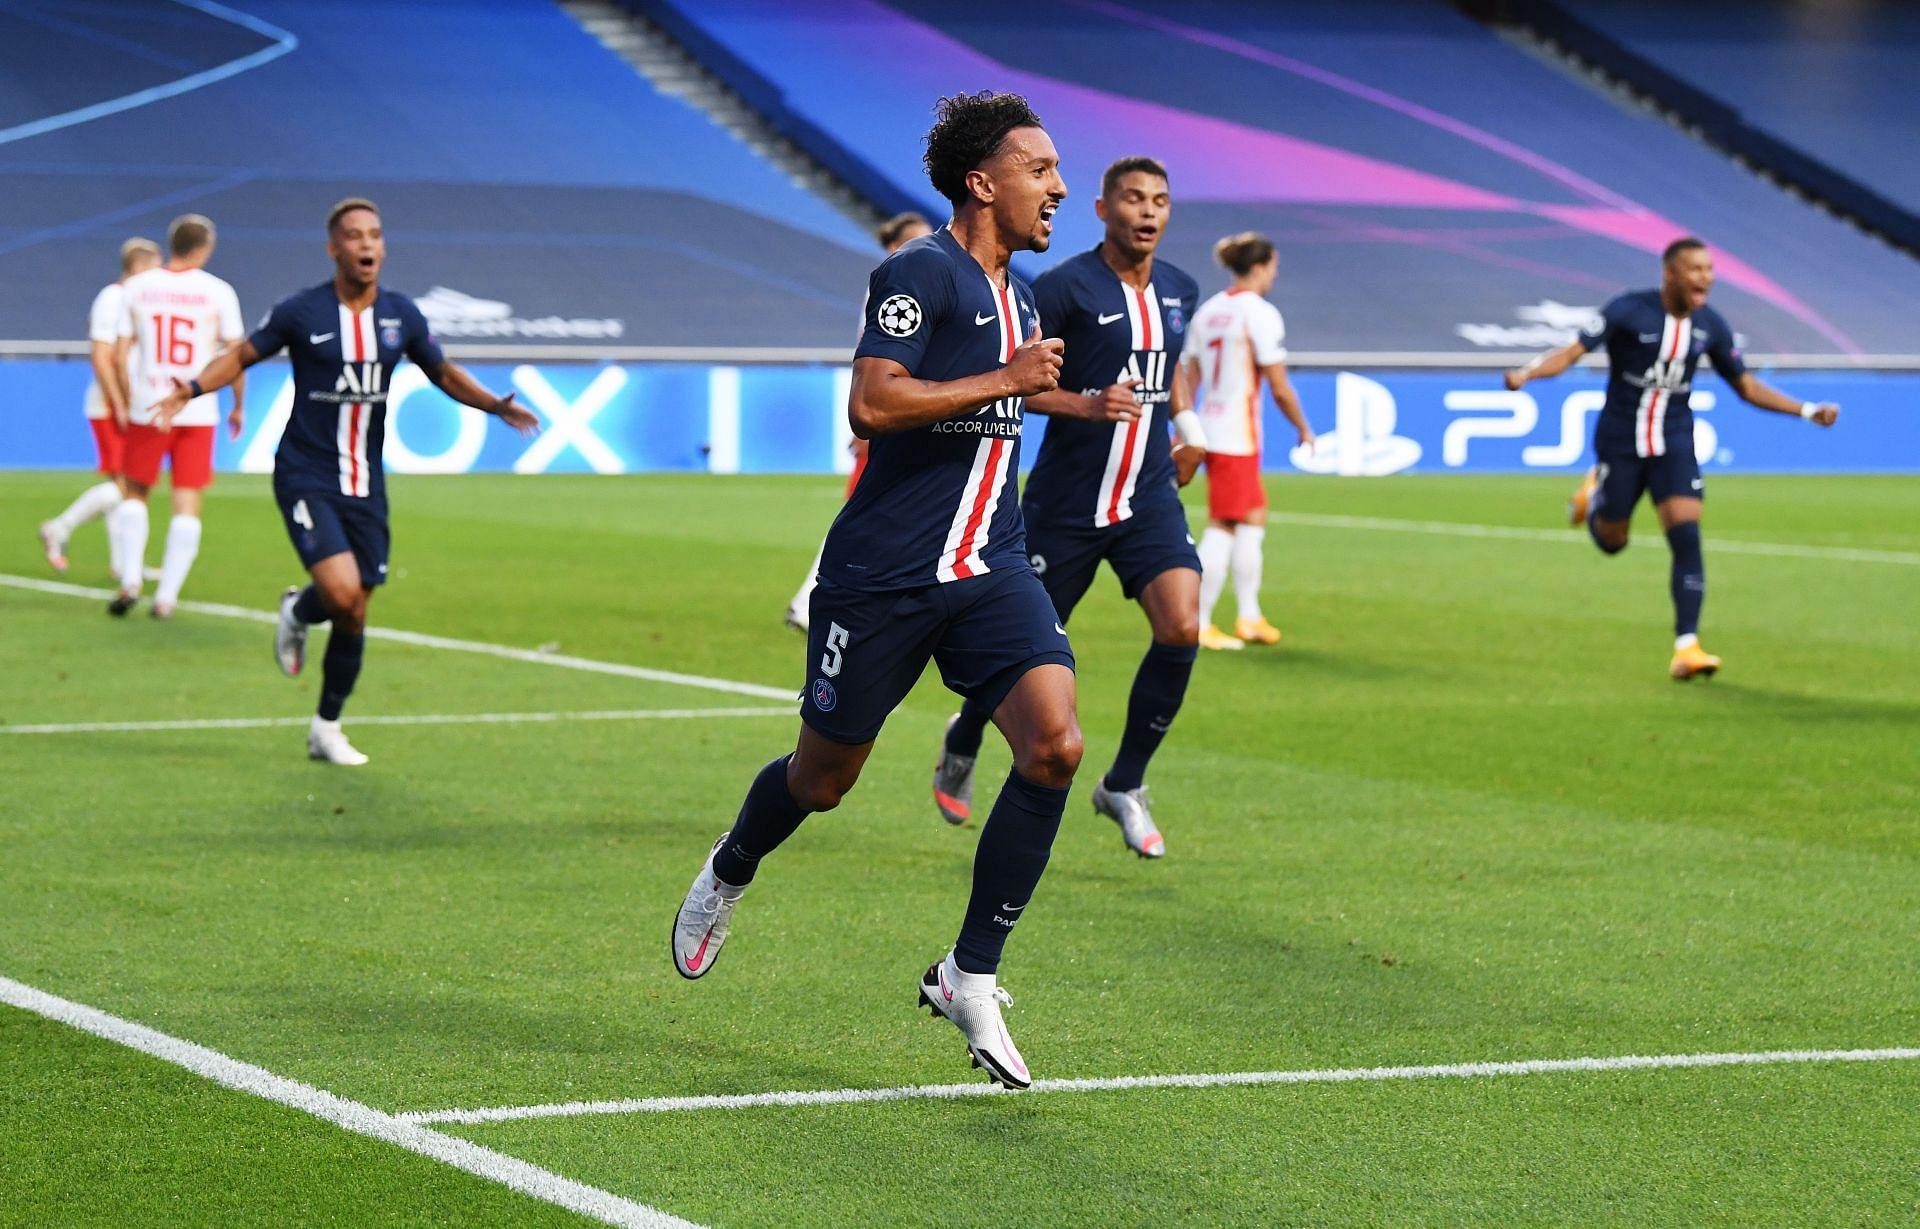 Marquinhos पिछले कुछ वर्षों में PSG के लिए एक प्रमुख खिलाड़ी रहा है।